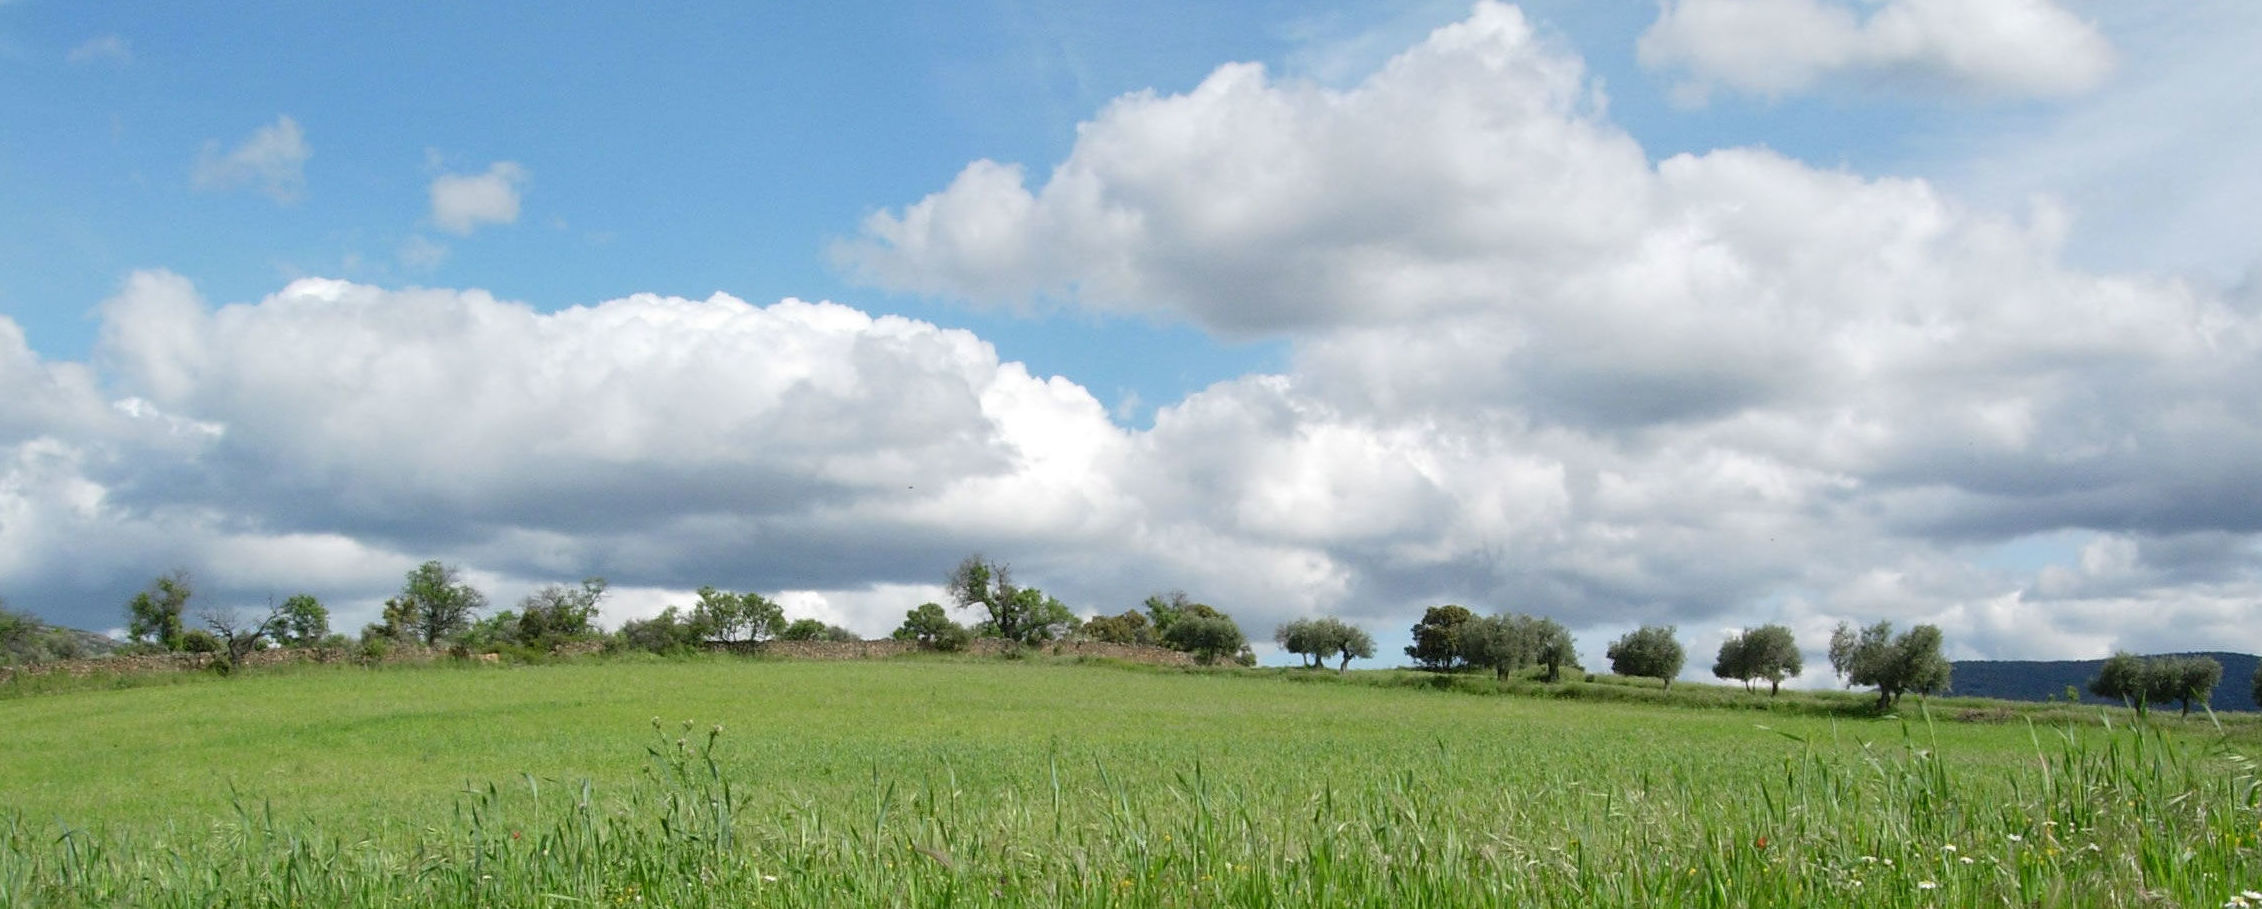 Oferta de emoleo en Castilla la Mancha